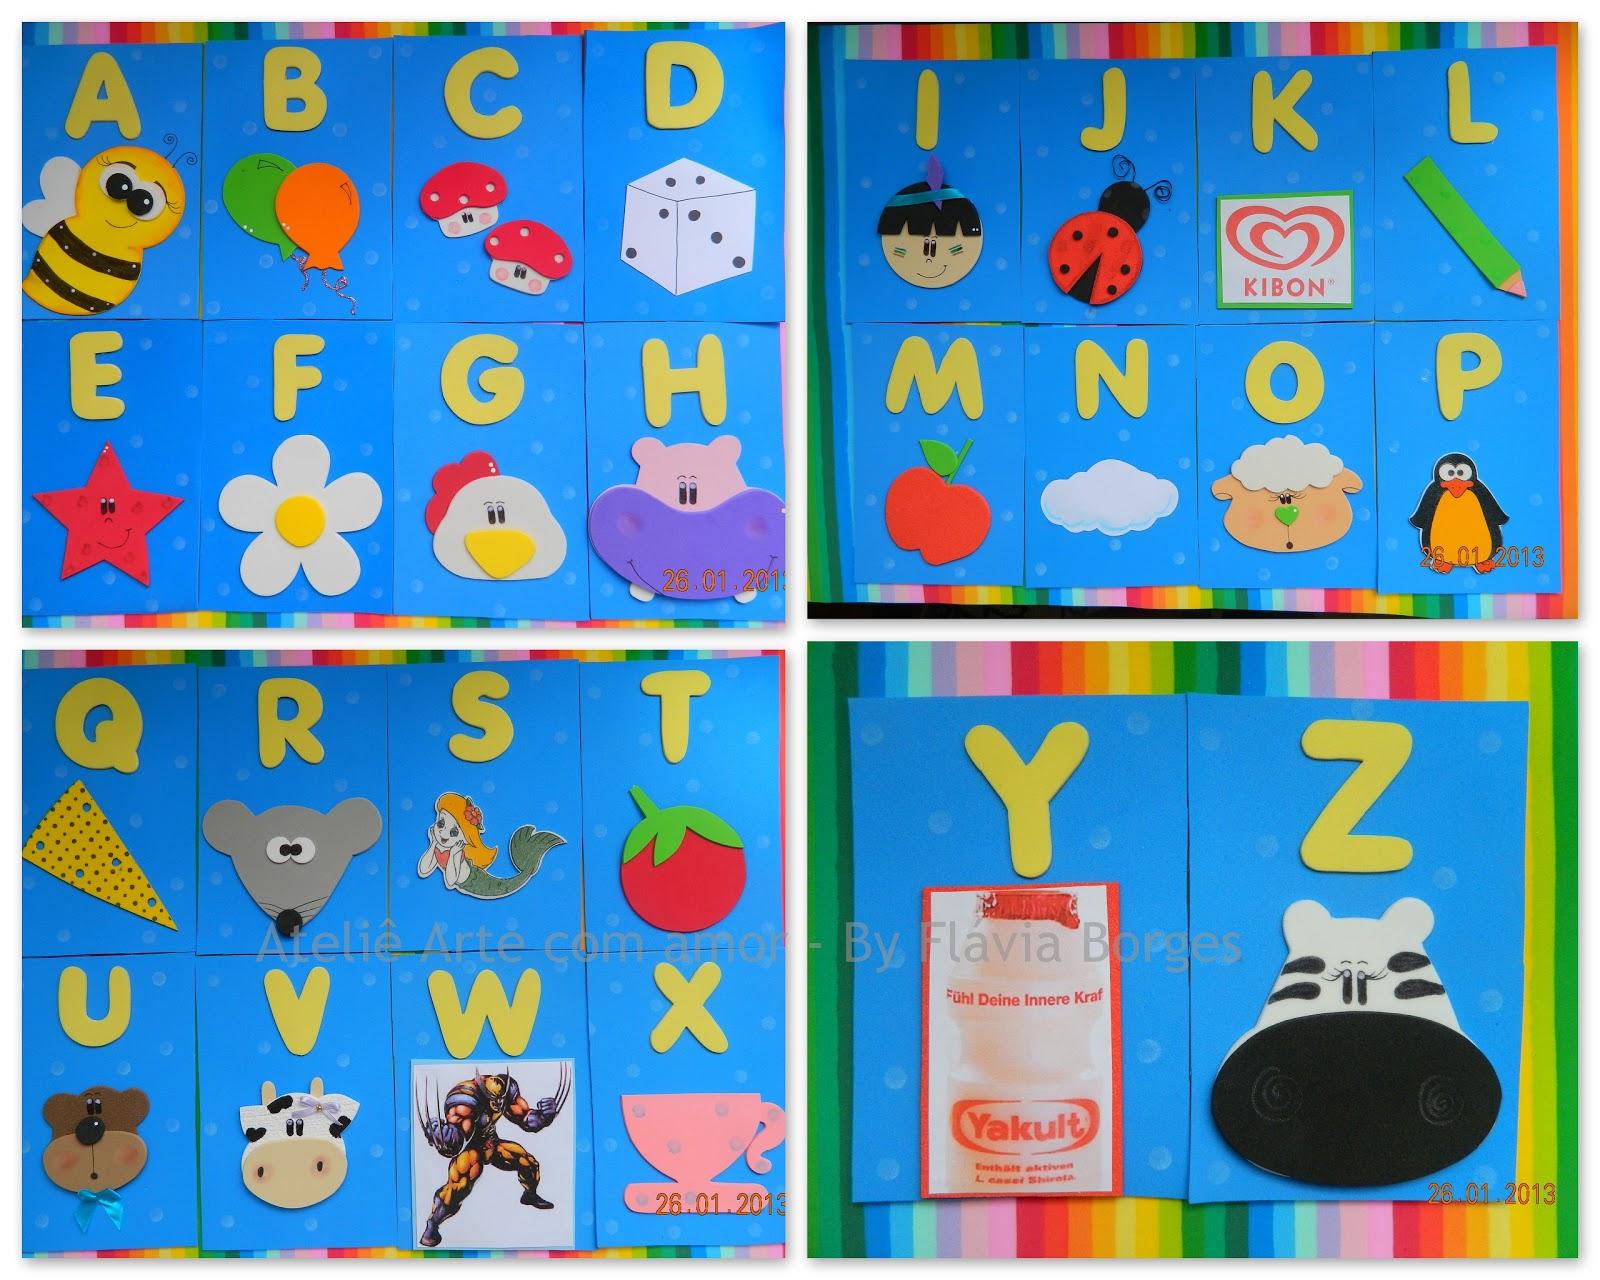 decoracao de sala aula em eva : decoracao de sala aula em eva: Arte com amor: Decoração para sala de aula – Galinha Pintadinha